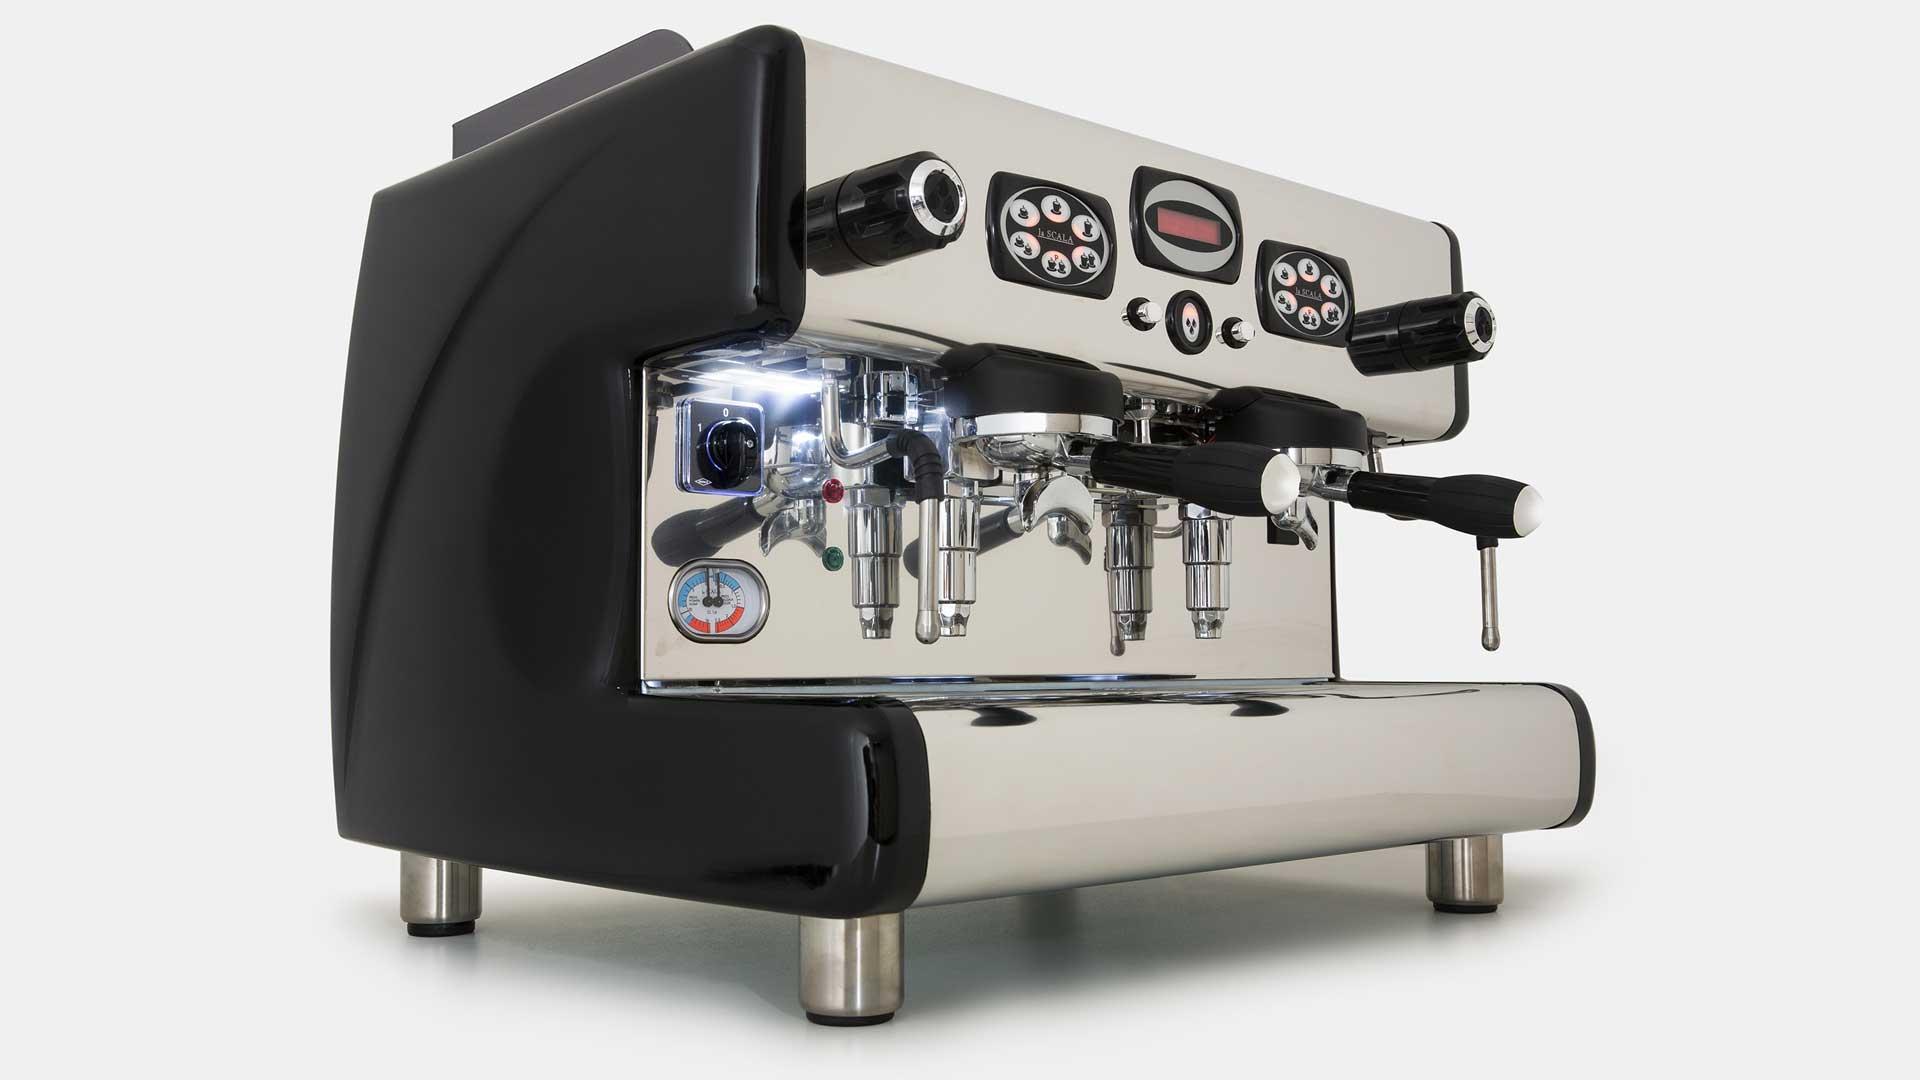 CARMEN-evo-la-scala-macchina-espresso-design-made-in-italy